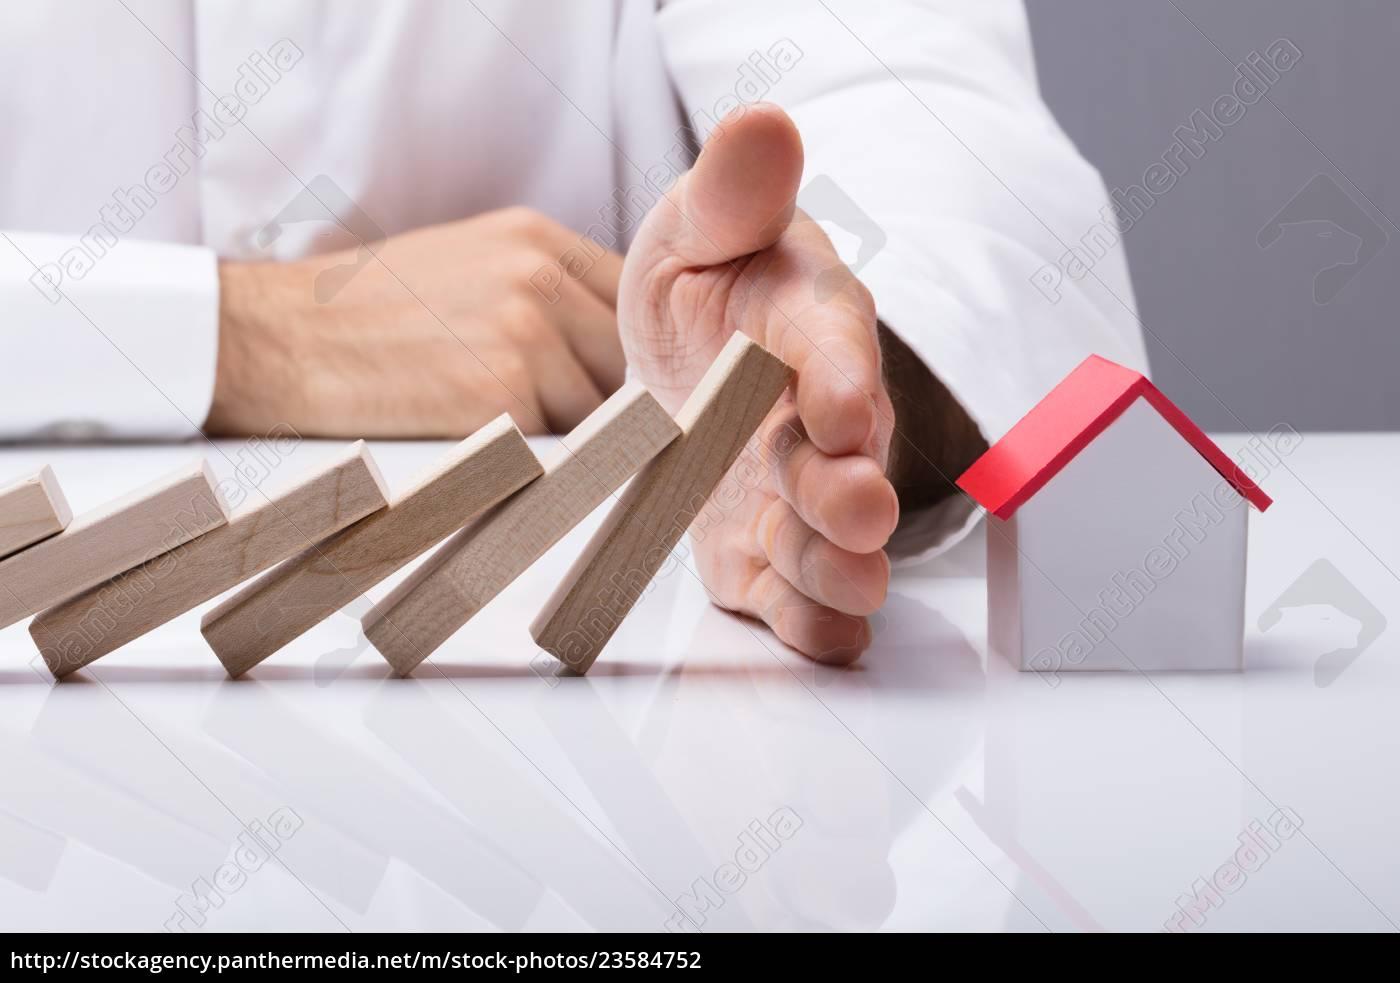 ludzka, ręka, powstrzymując, drewniane, bloki, przed - 23584752